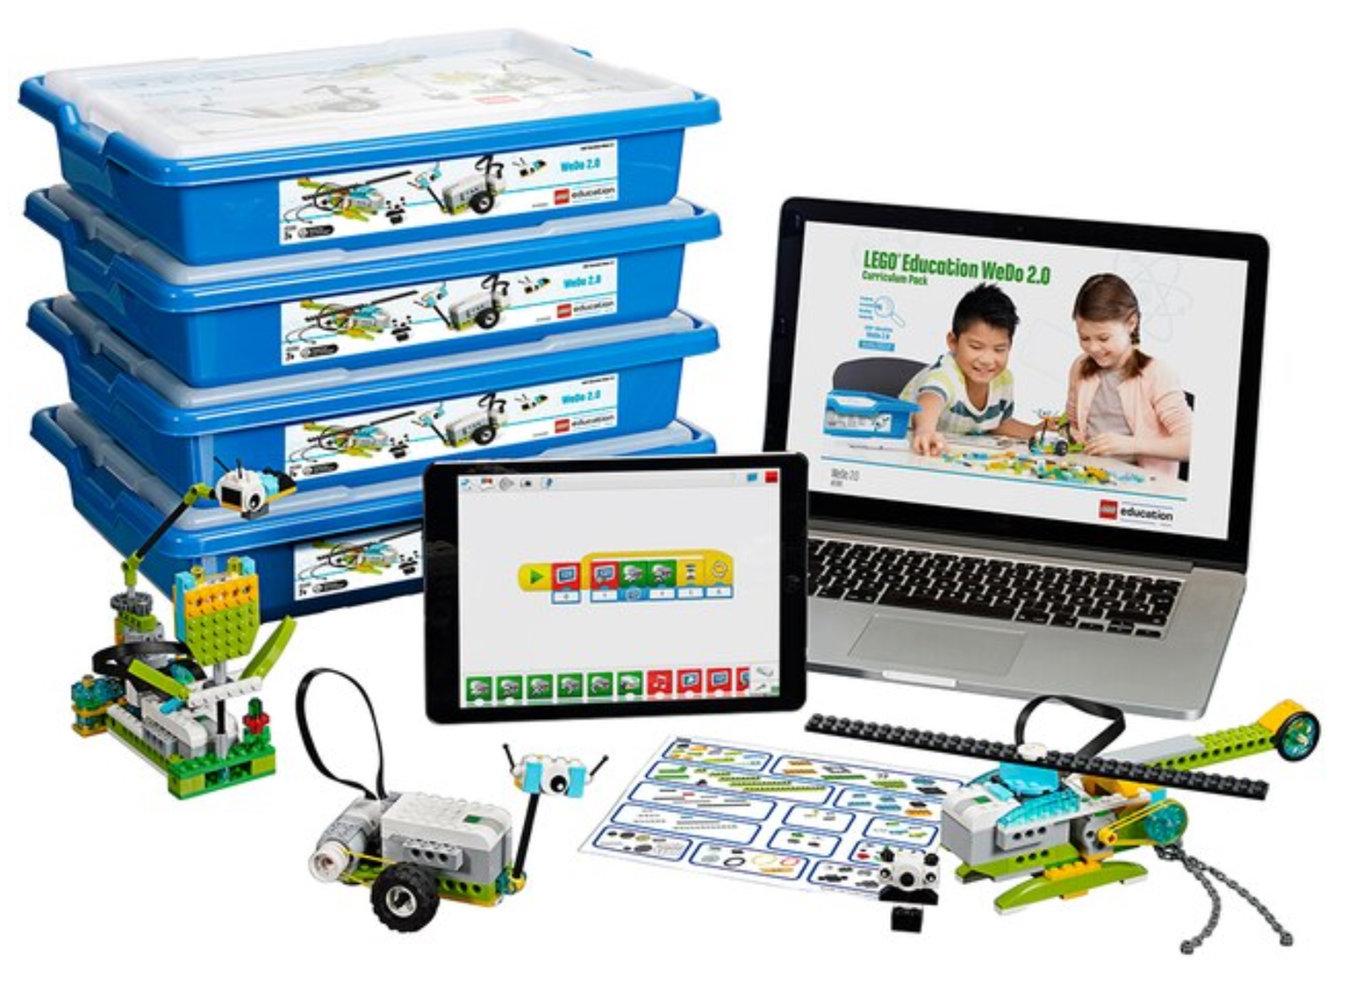 WeDo 2.0 ReadyGo 8-Student Pack